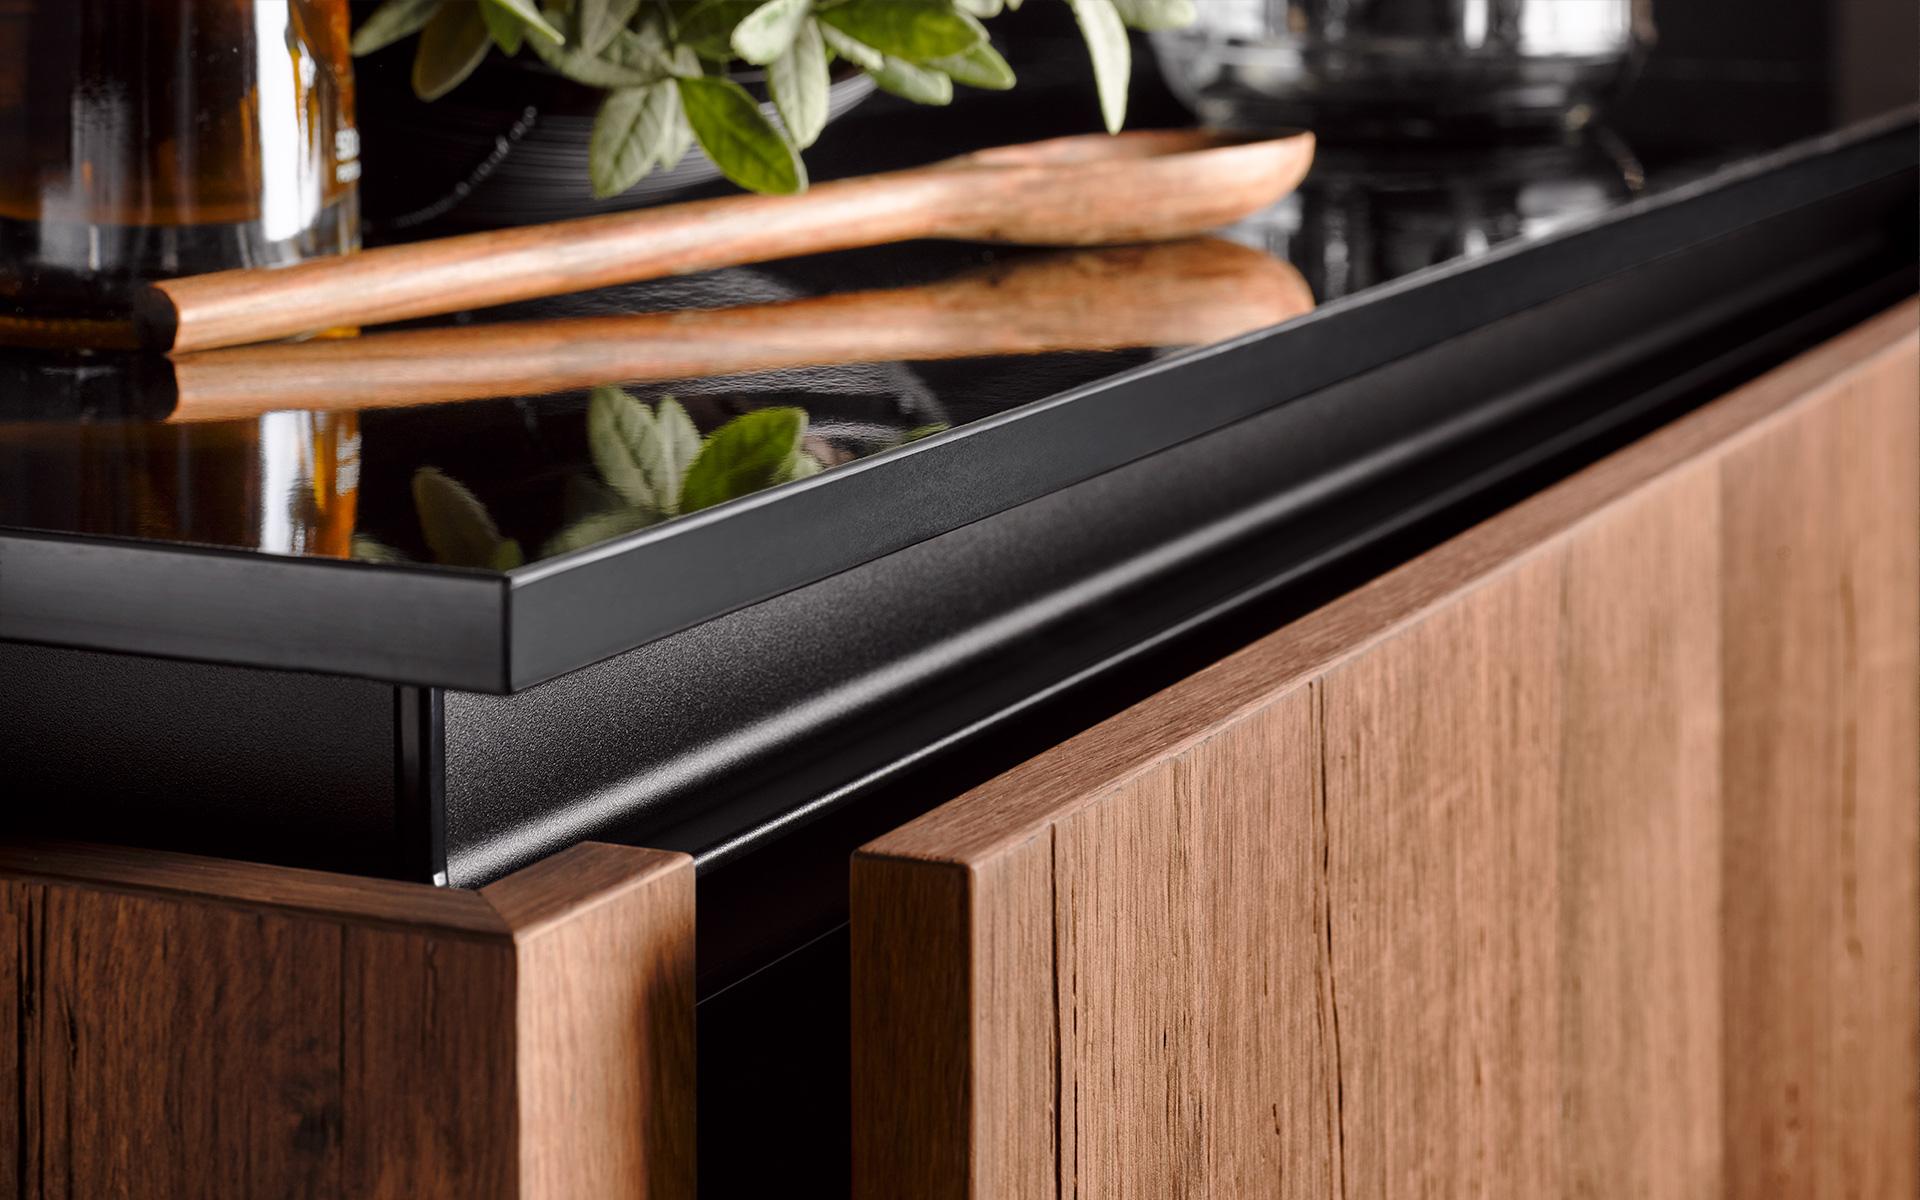 Idéo meubles de qualité et solide garantie de 10 ans